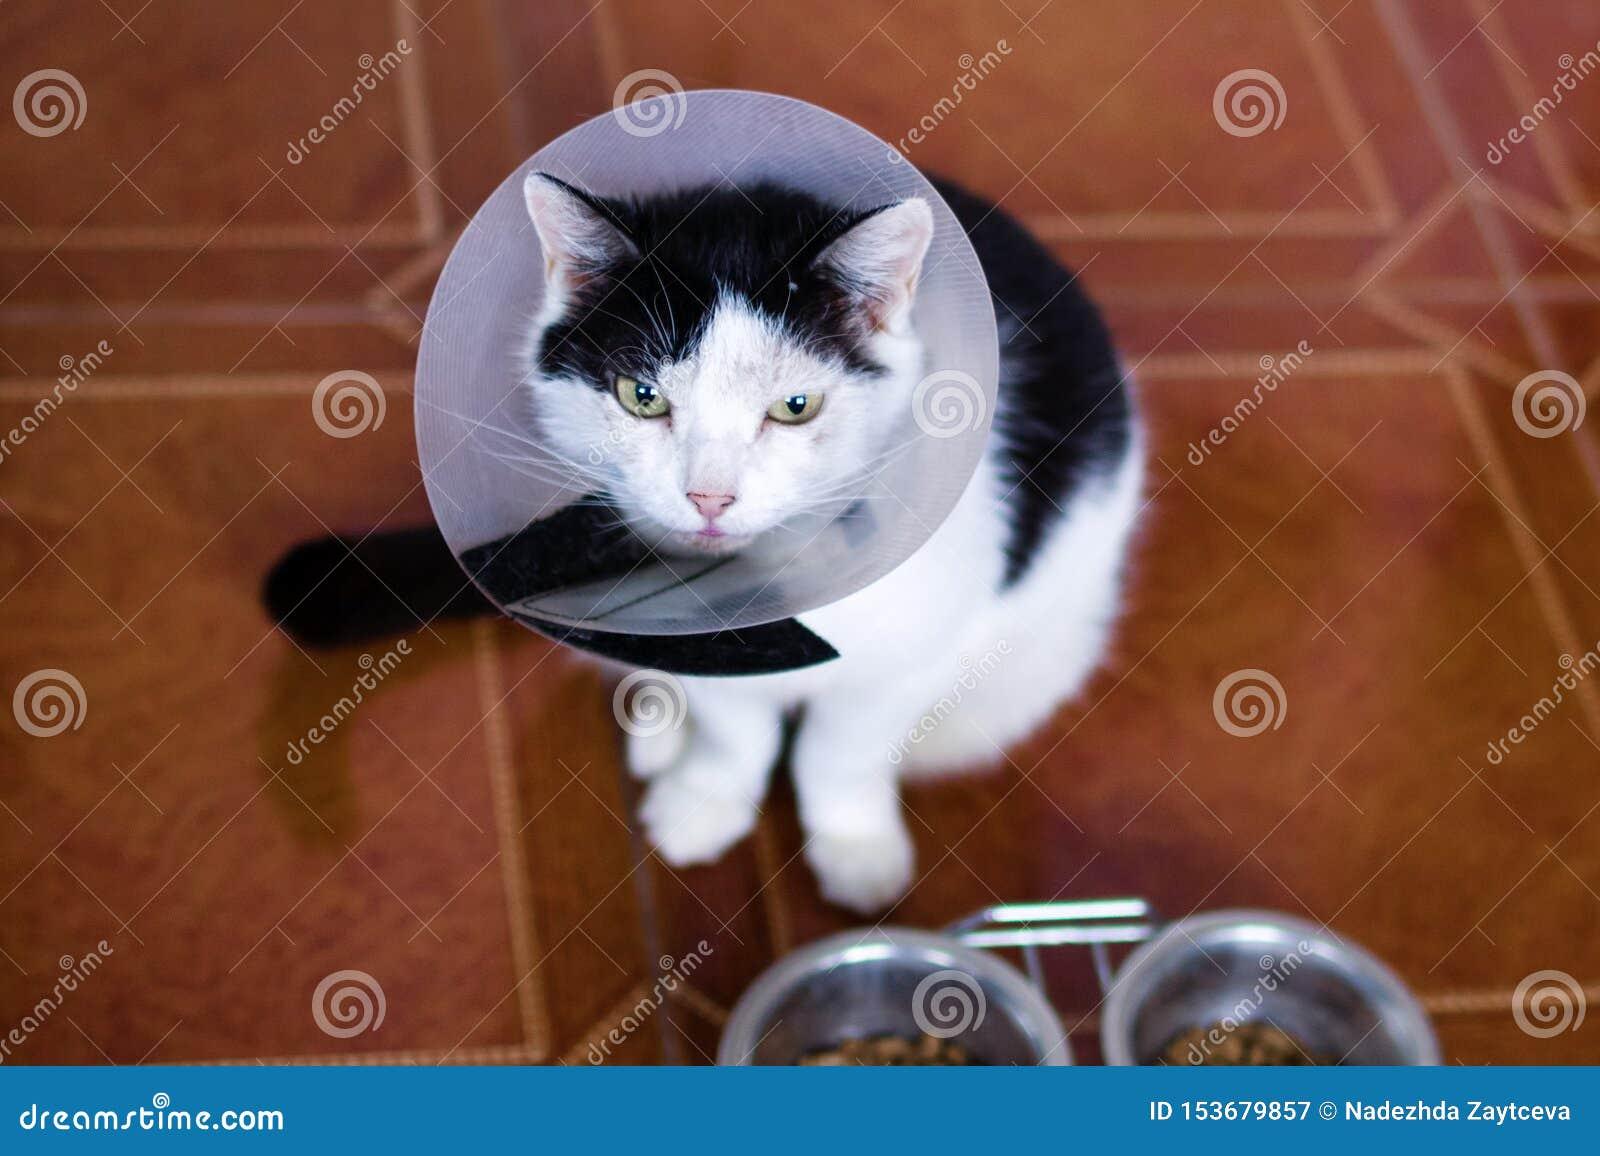 Черно-белый кот с пластиковым медицинским воротником сидит на поле кухни близко к шарам с кошачей едой